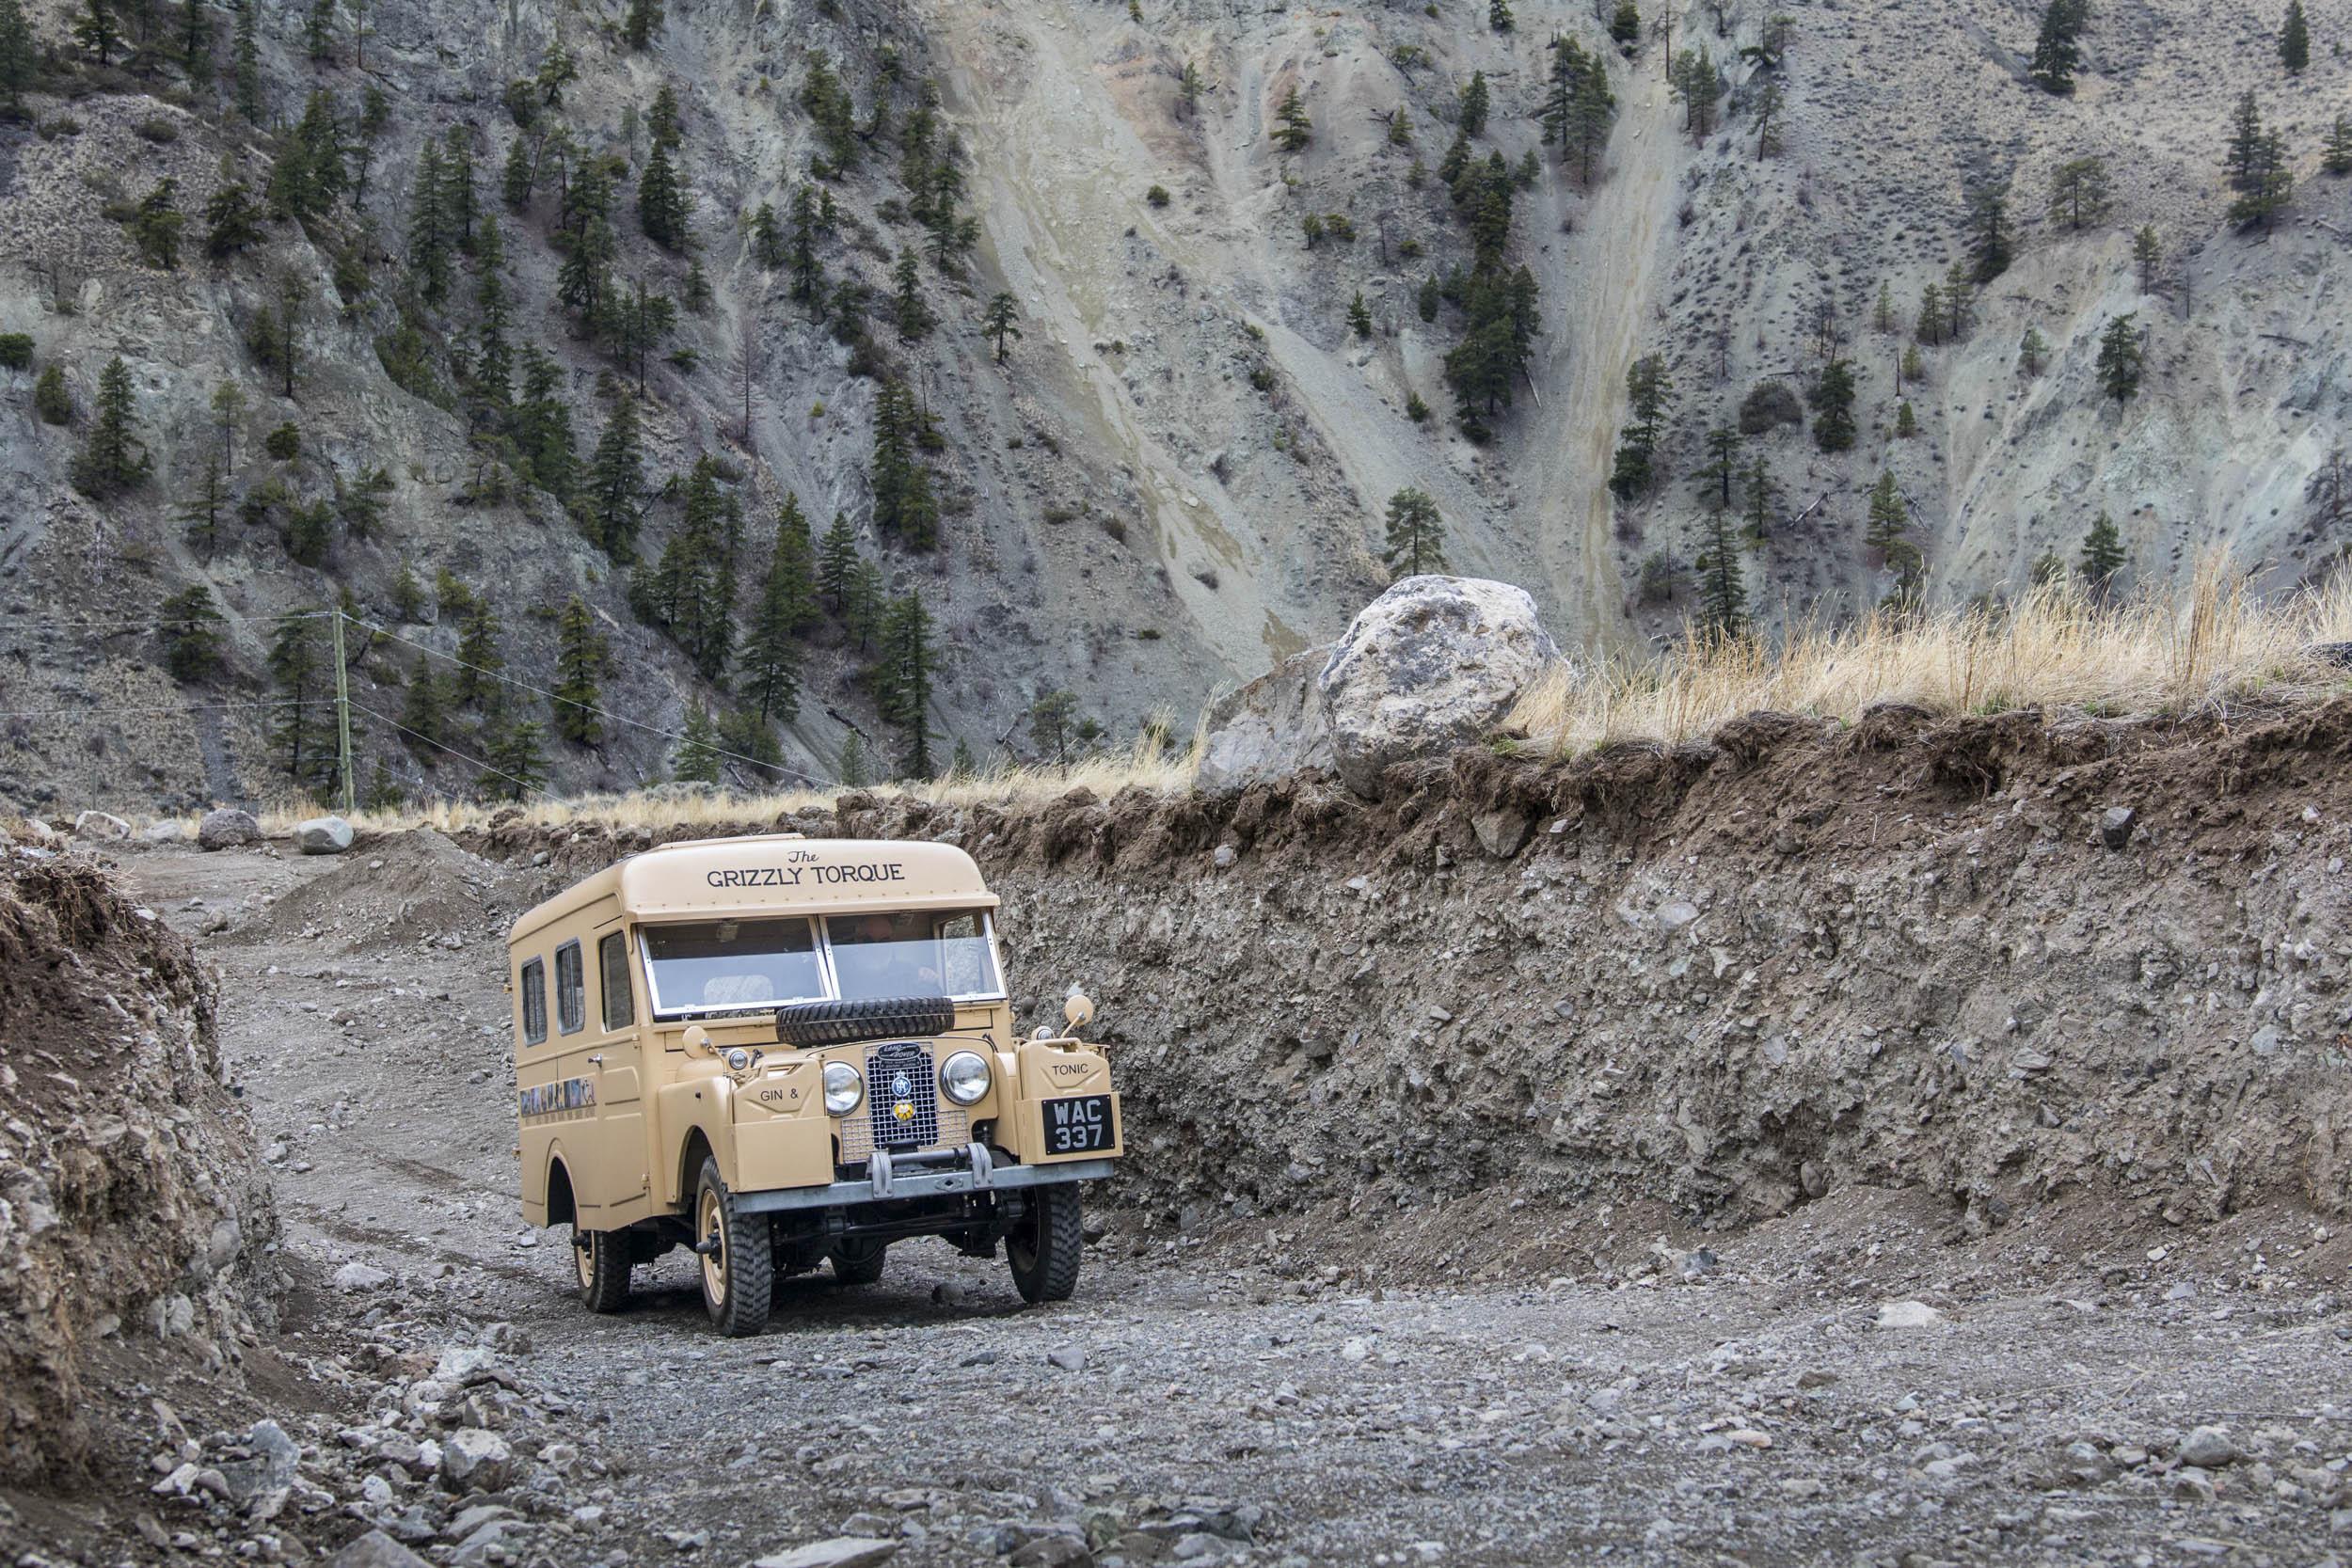 1957 Land Rover the Grizzly Torque climbing a mountain